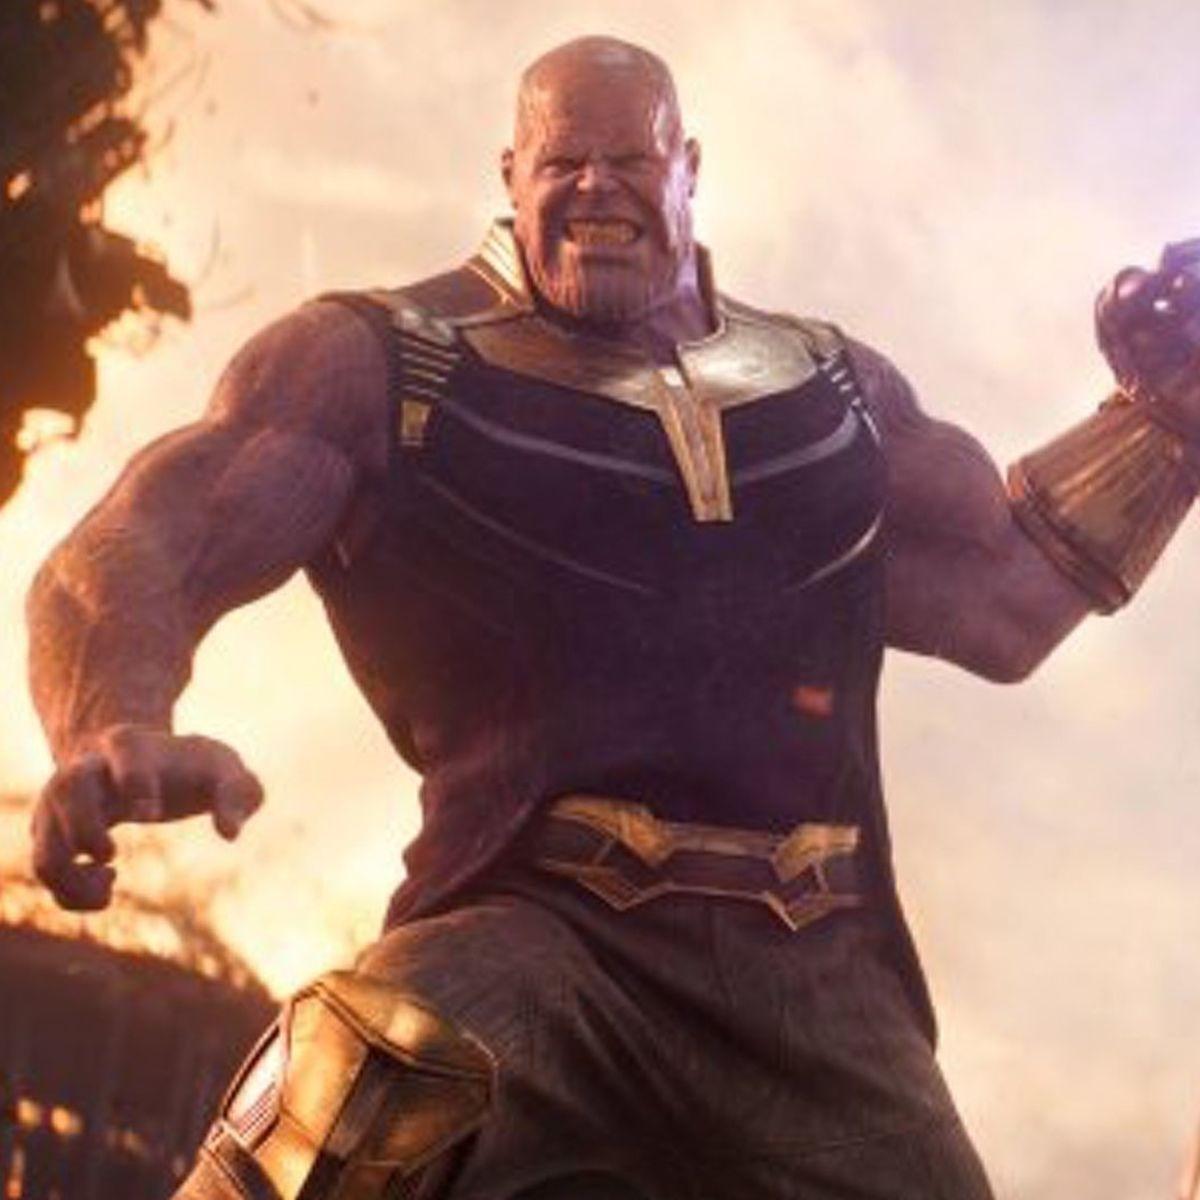 Celebrities defend 'Guardians of the Galaxy' director James Gunn after sudden firing